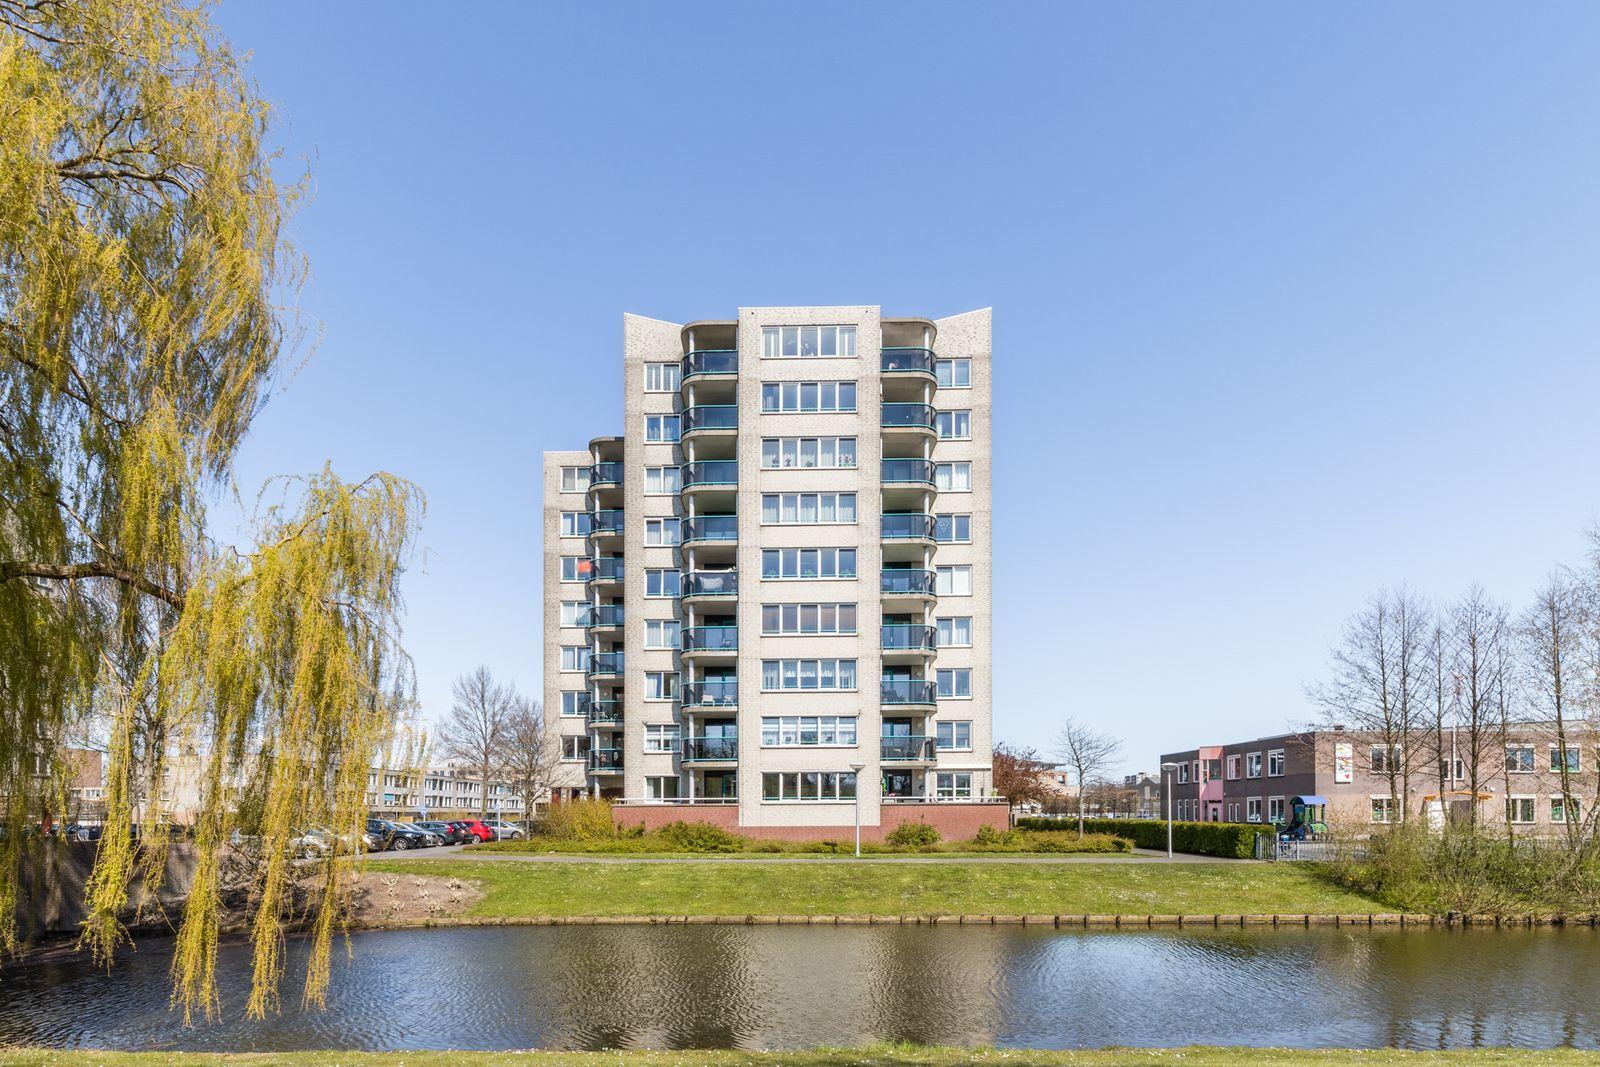 Zeelandiahoeve 75, Amstelveen